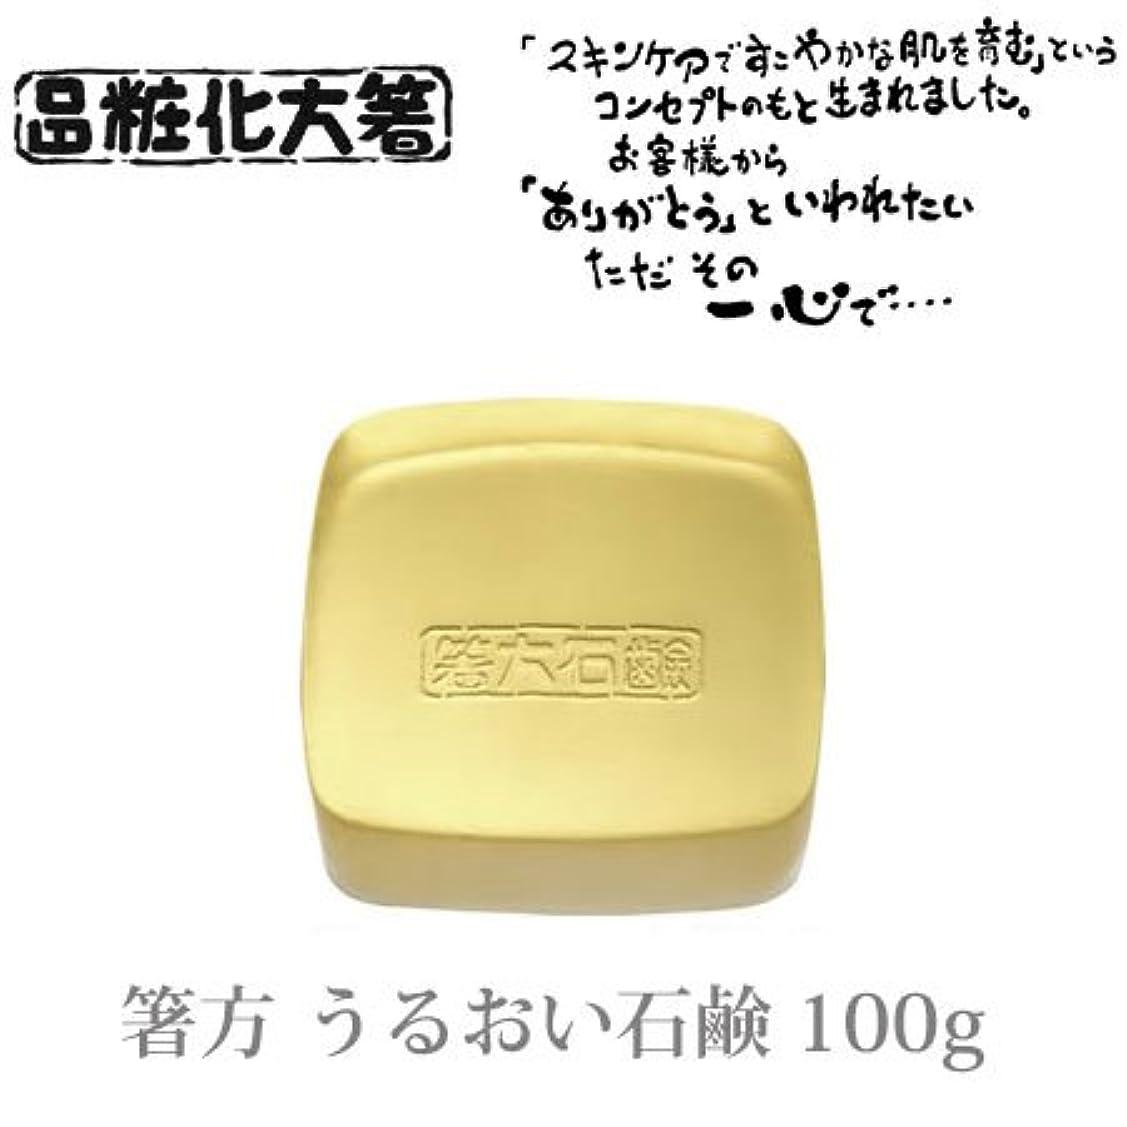 軍艦問い合わせるメイト箸方化粧品 うるおい石鹸 100g はしかた化粧品